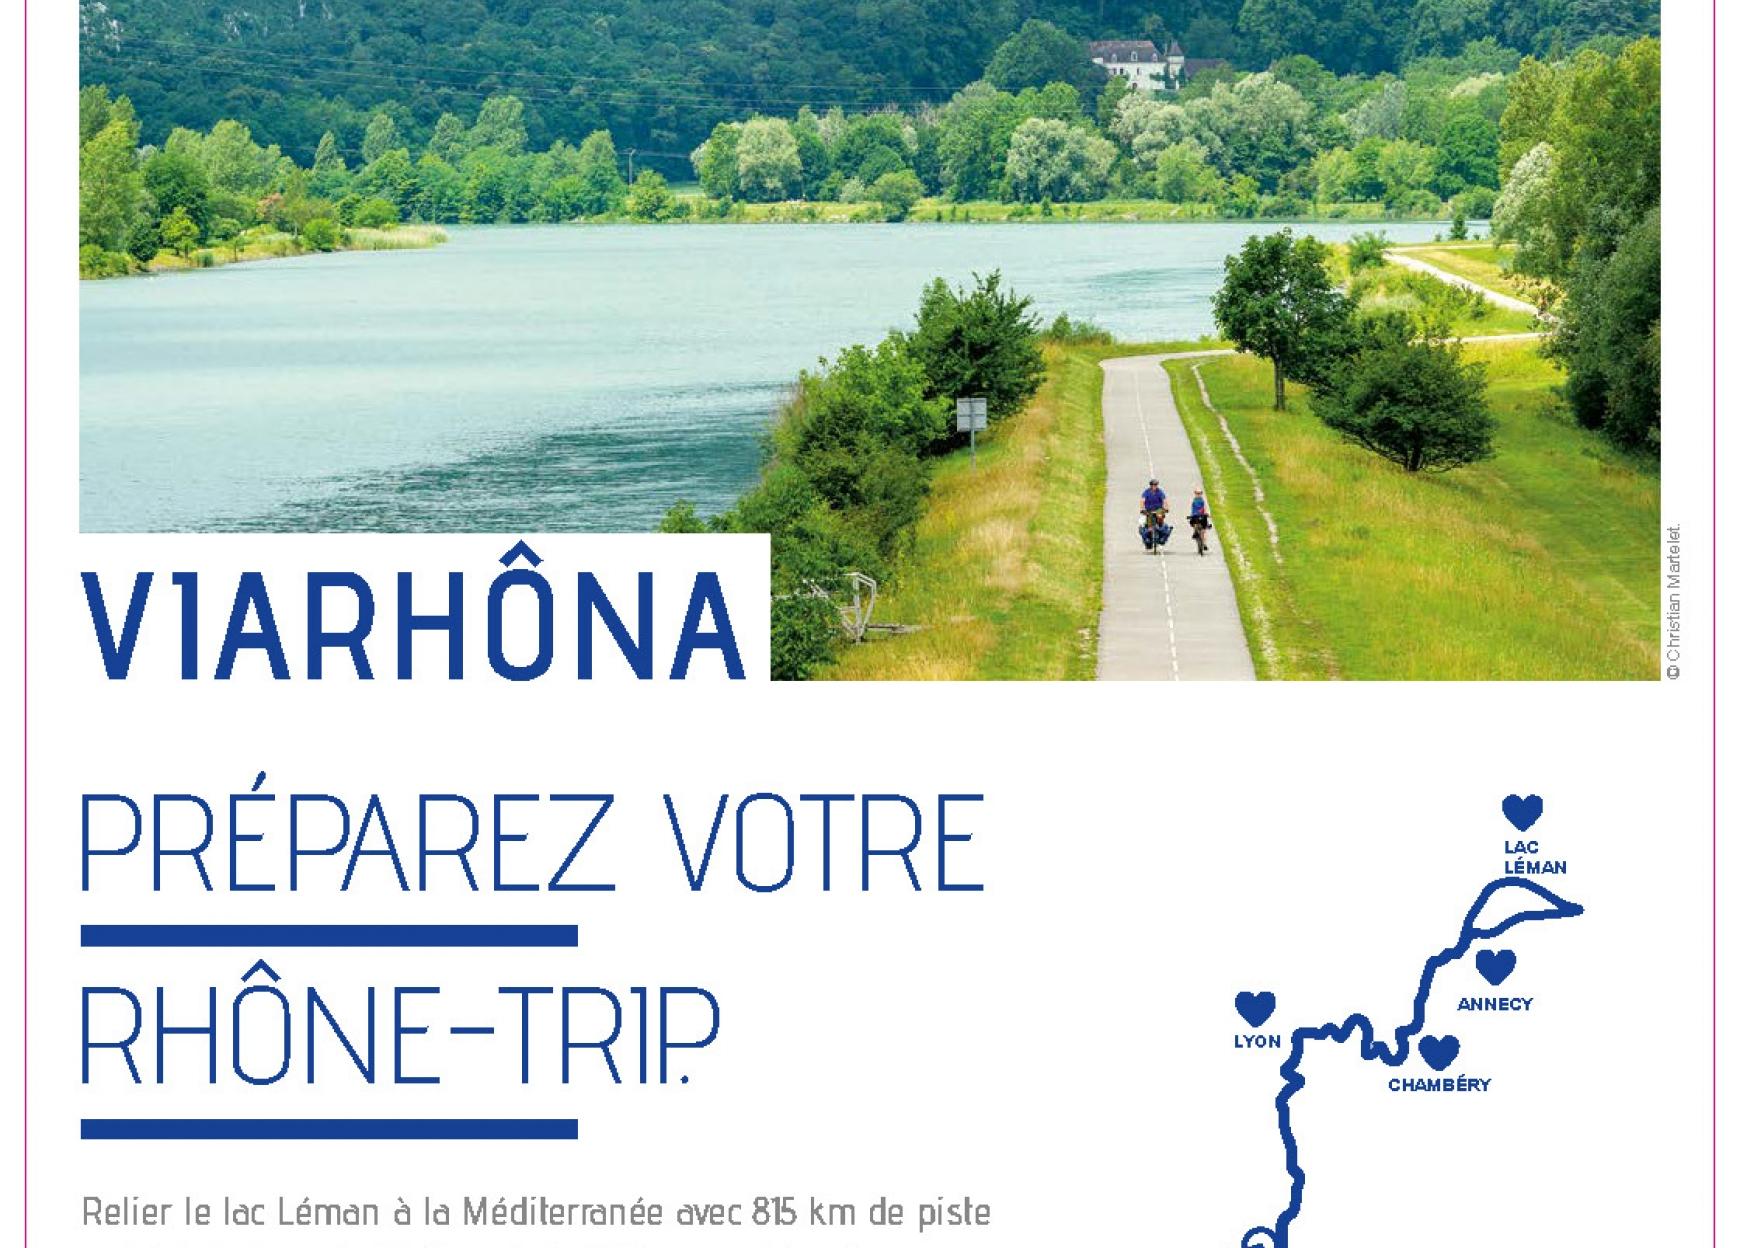 Via Rhona Piste Cyclable Du Lac Leman A La Mediterranee L Europe S Engage En France Le Portail Des Fonds Europeens